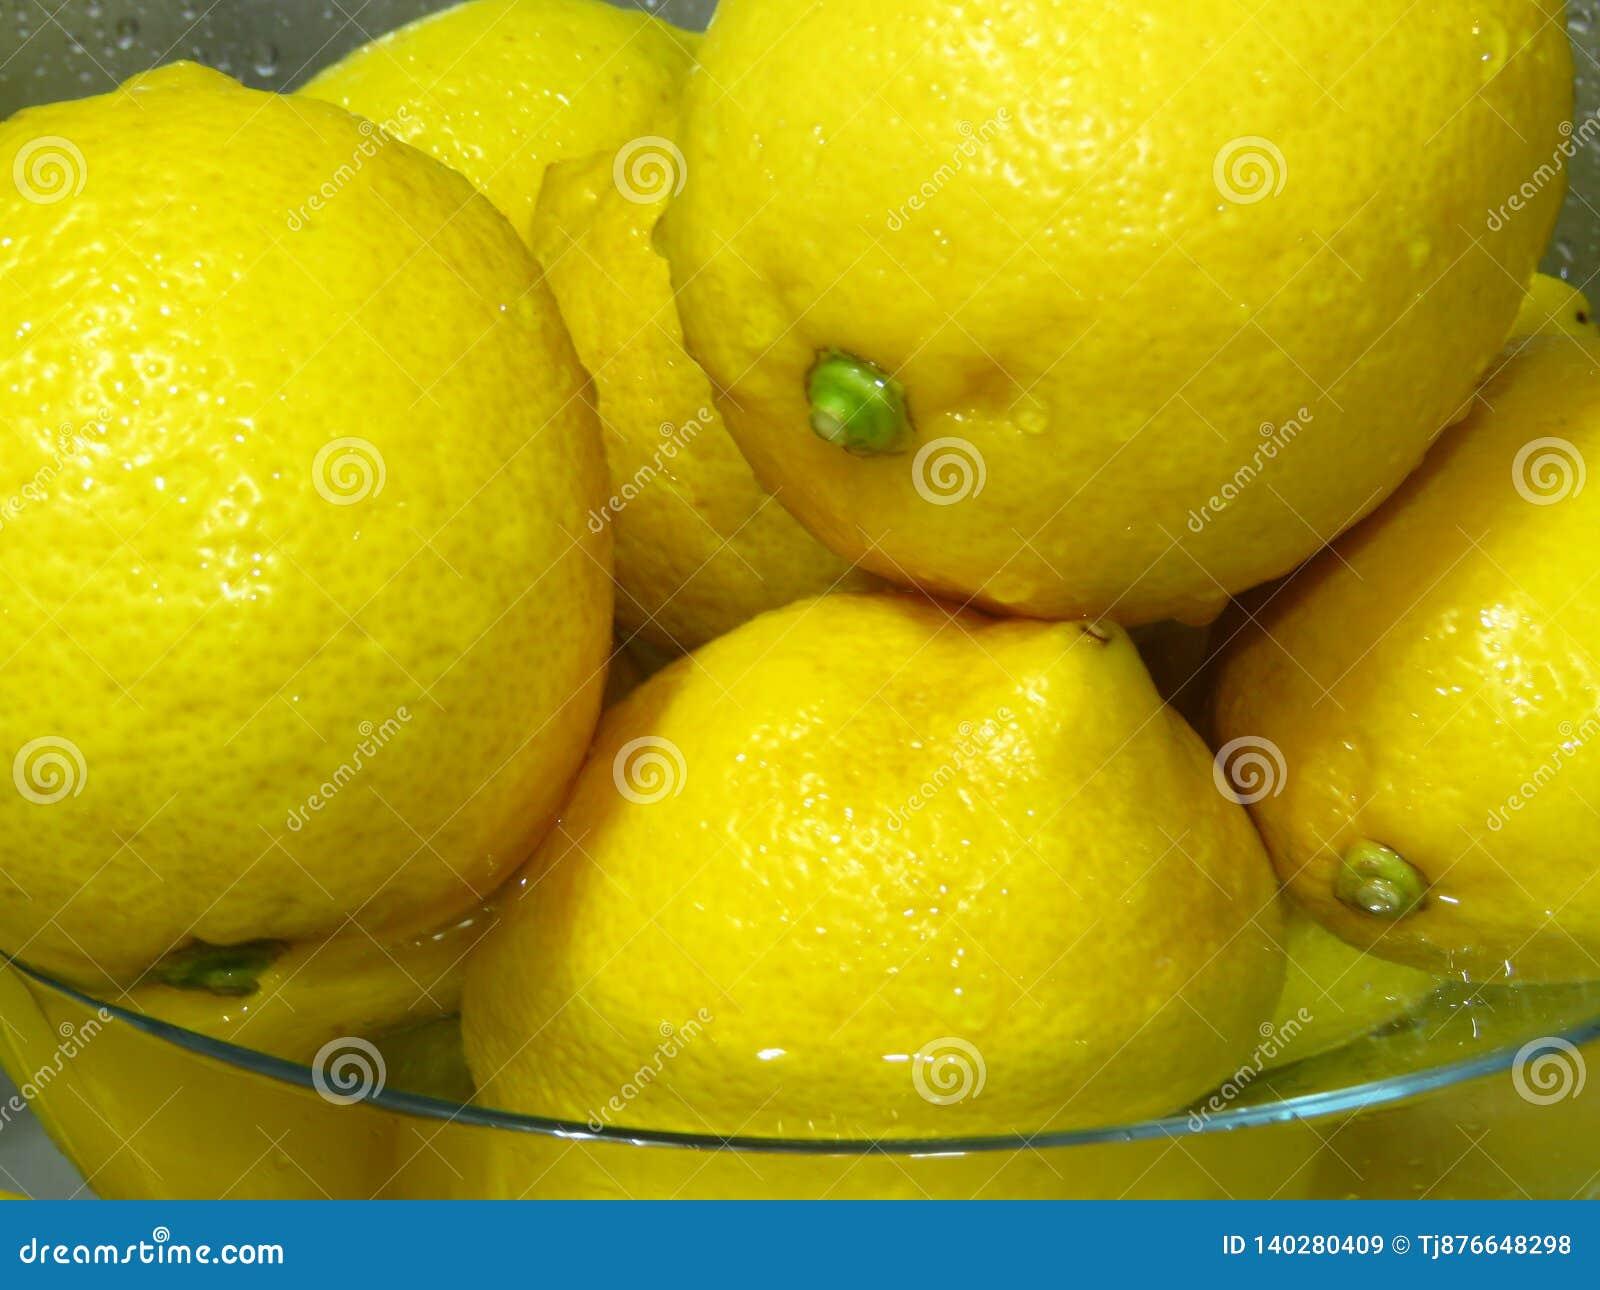 Como lavar limões? Limões amarelos maduros suculentos na água Fruto tropical saudável rico da vitamina C